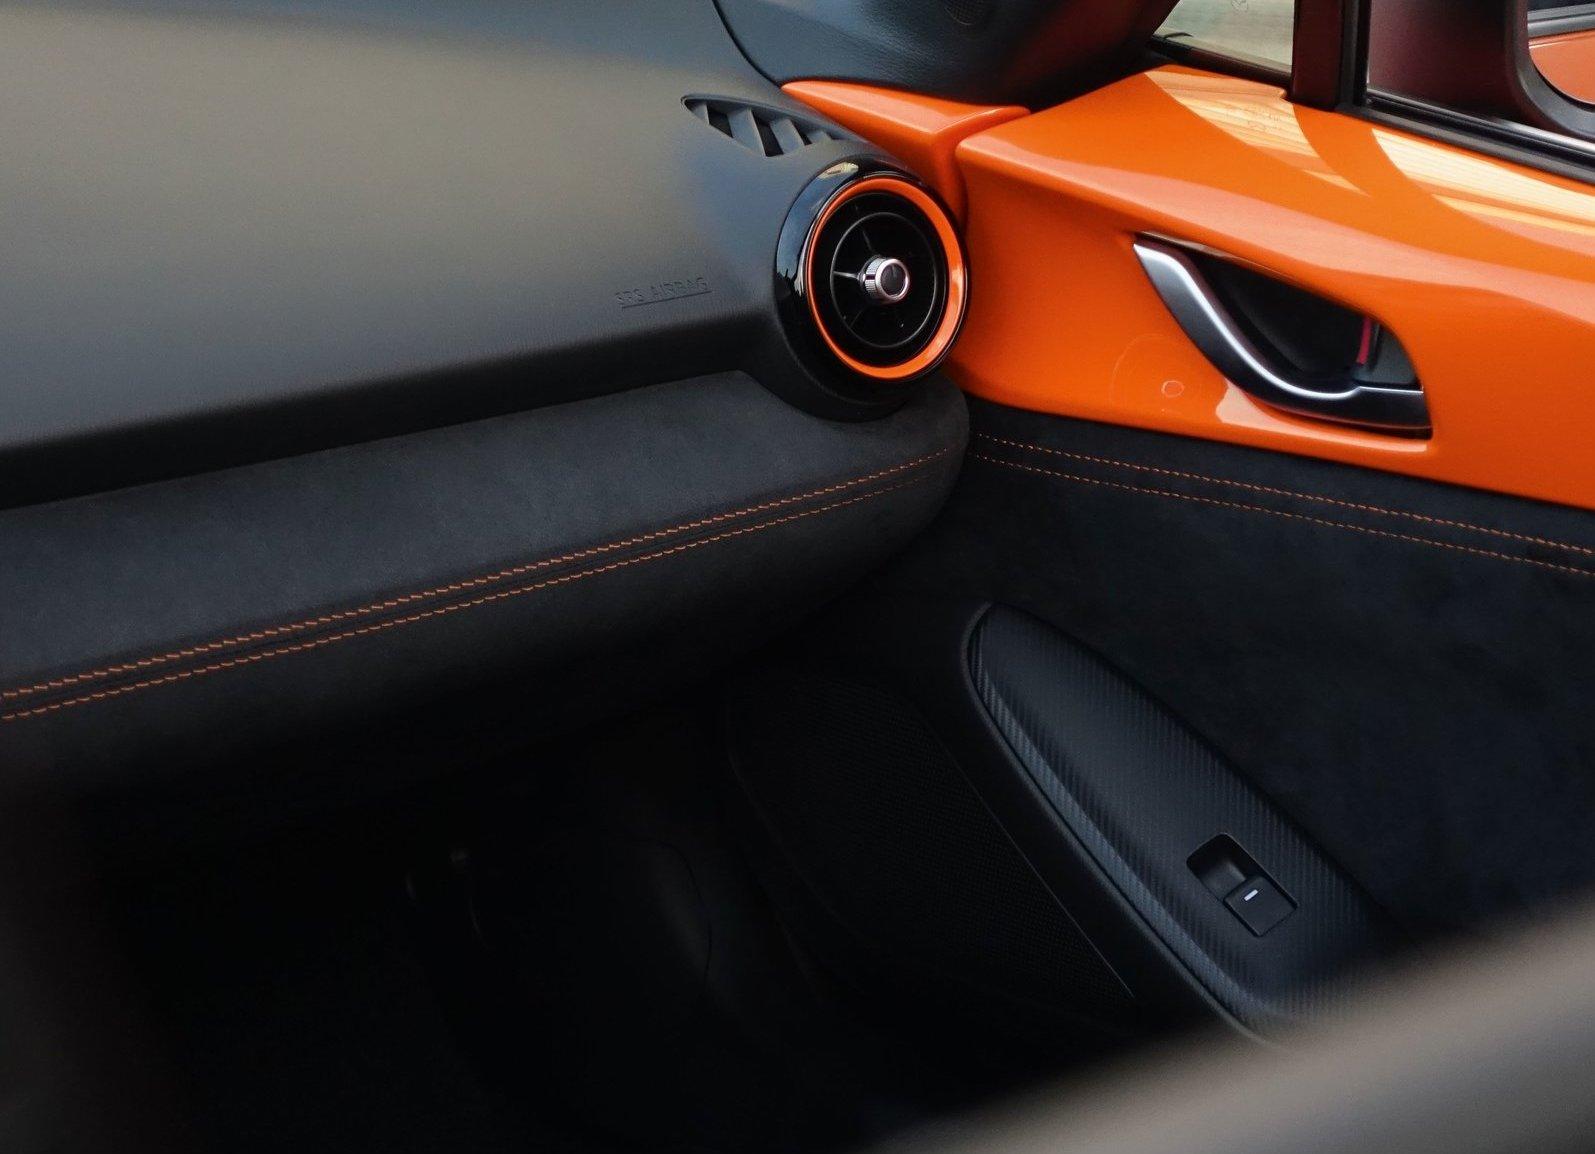 2019 Mazda MX-5 Miata 30th Anniversary Edition interior detail